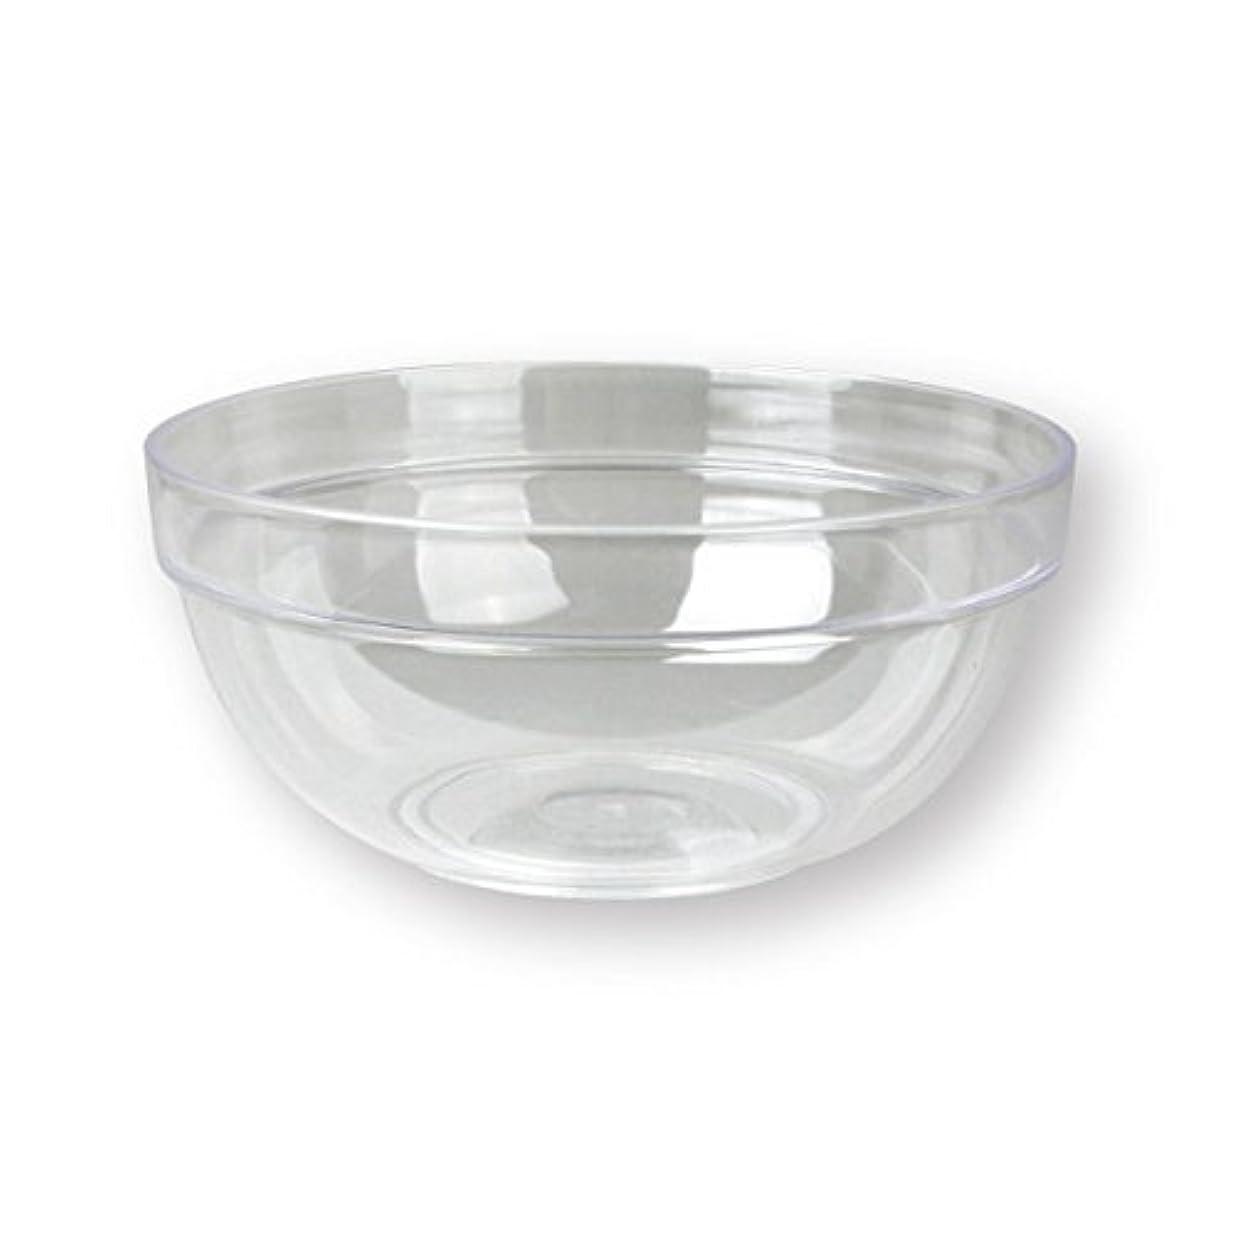 忘れるサンプルコントローラ4個セットプラスチックボール プラスチック ボウル カップクリア 直径20cm